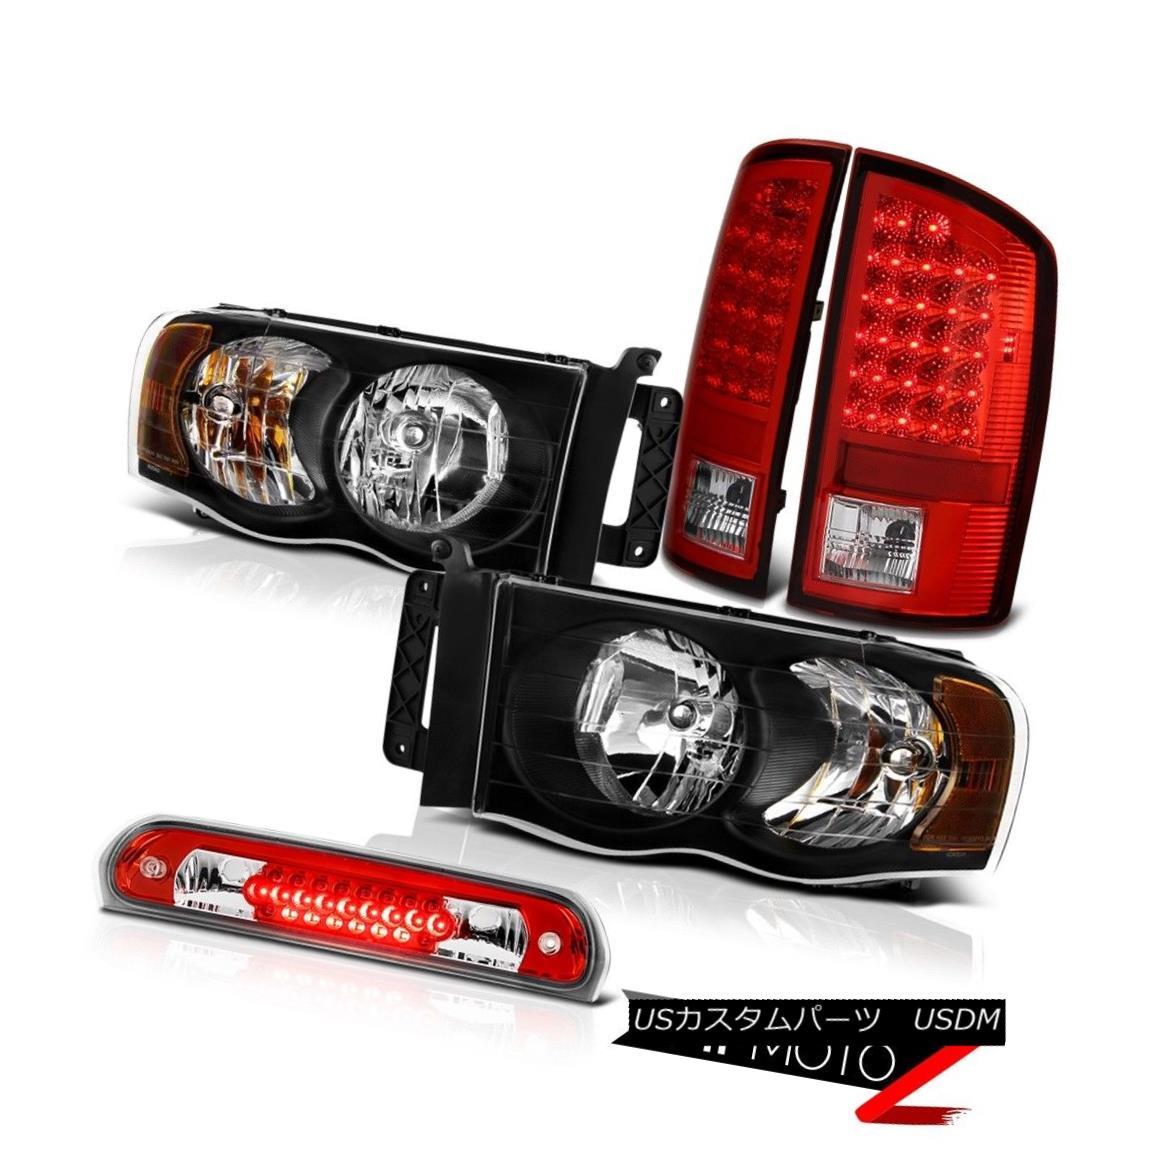 ヘッドライト Pair Black Headlights LED Tail Lights Roof Brake Cargo Lamps 2002-2005 Ram ST ペアブラックヘッドライトLEDテールライトルーフブレーキカーゴランプ2002-2005 Ram ST